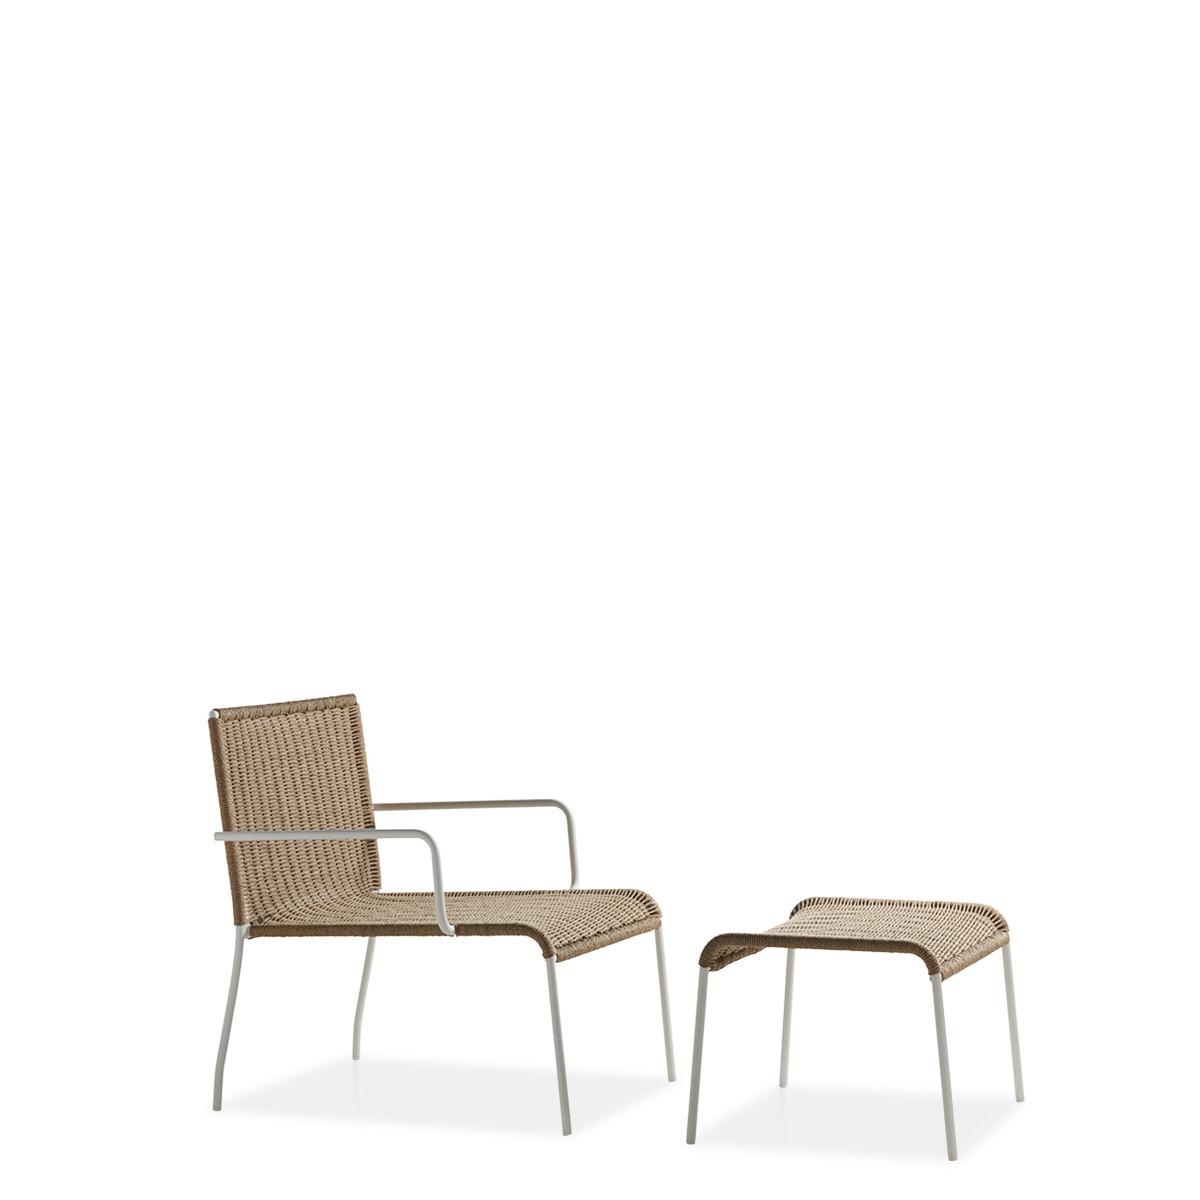 Entdecken Sie bei Conzept Beckord besondere Designmöbel! Hier finden Sie Potocco Sofas und Sessel: Agra